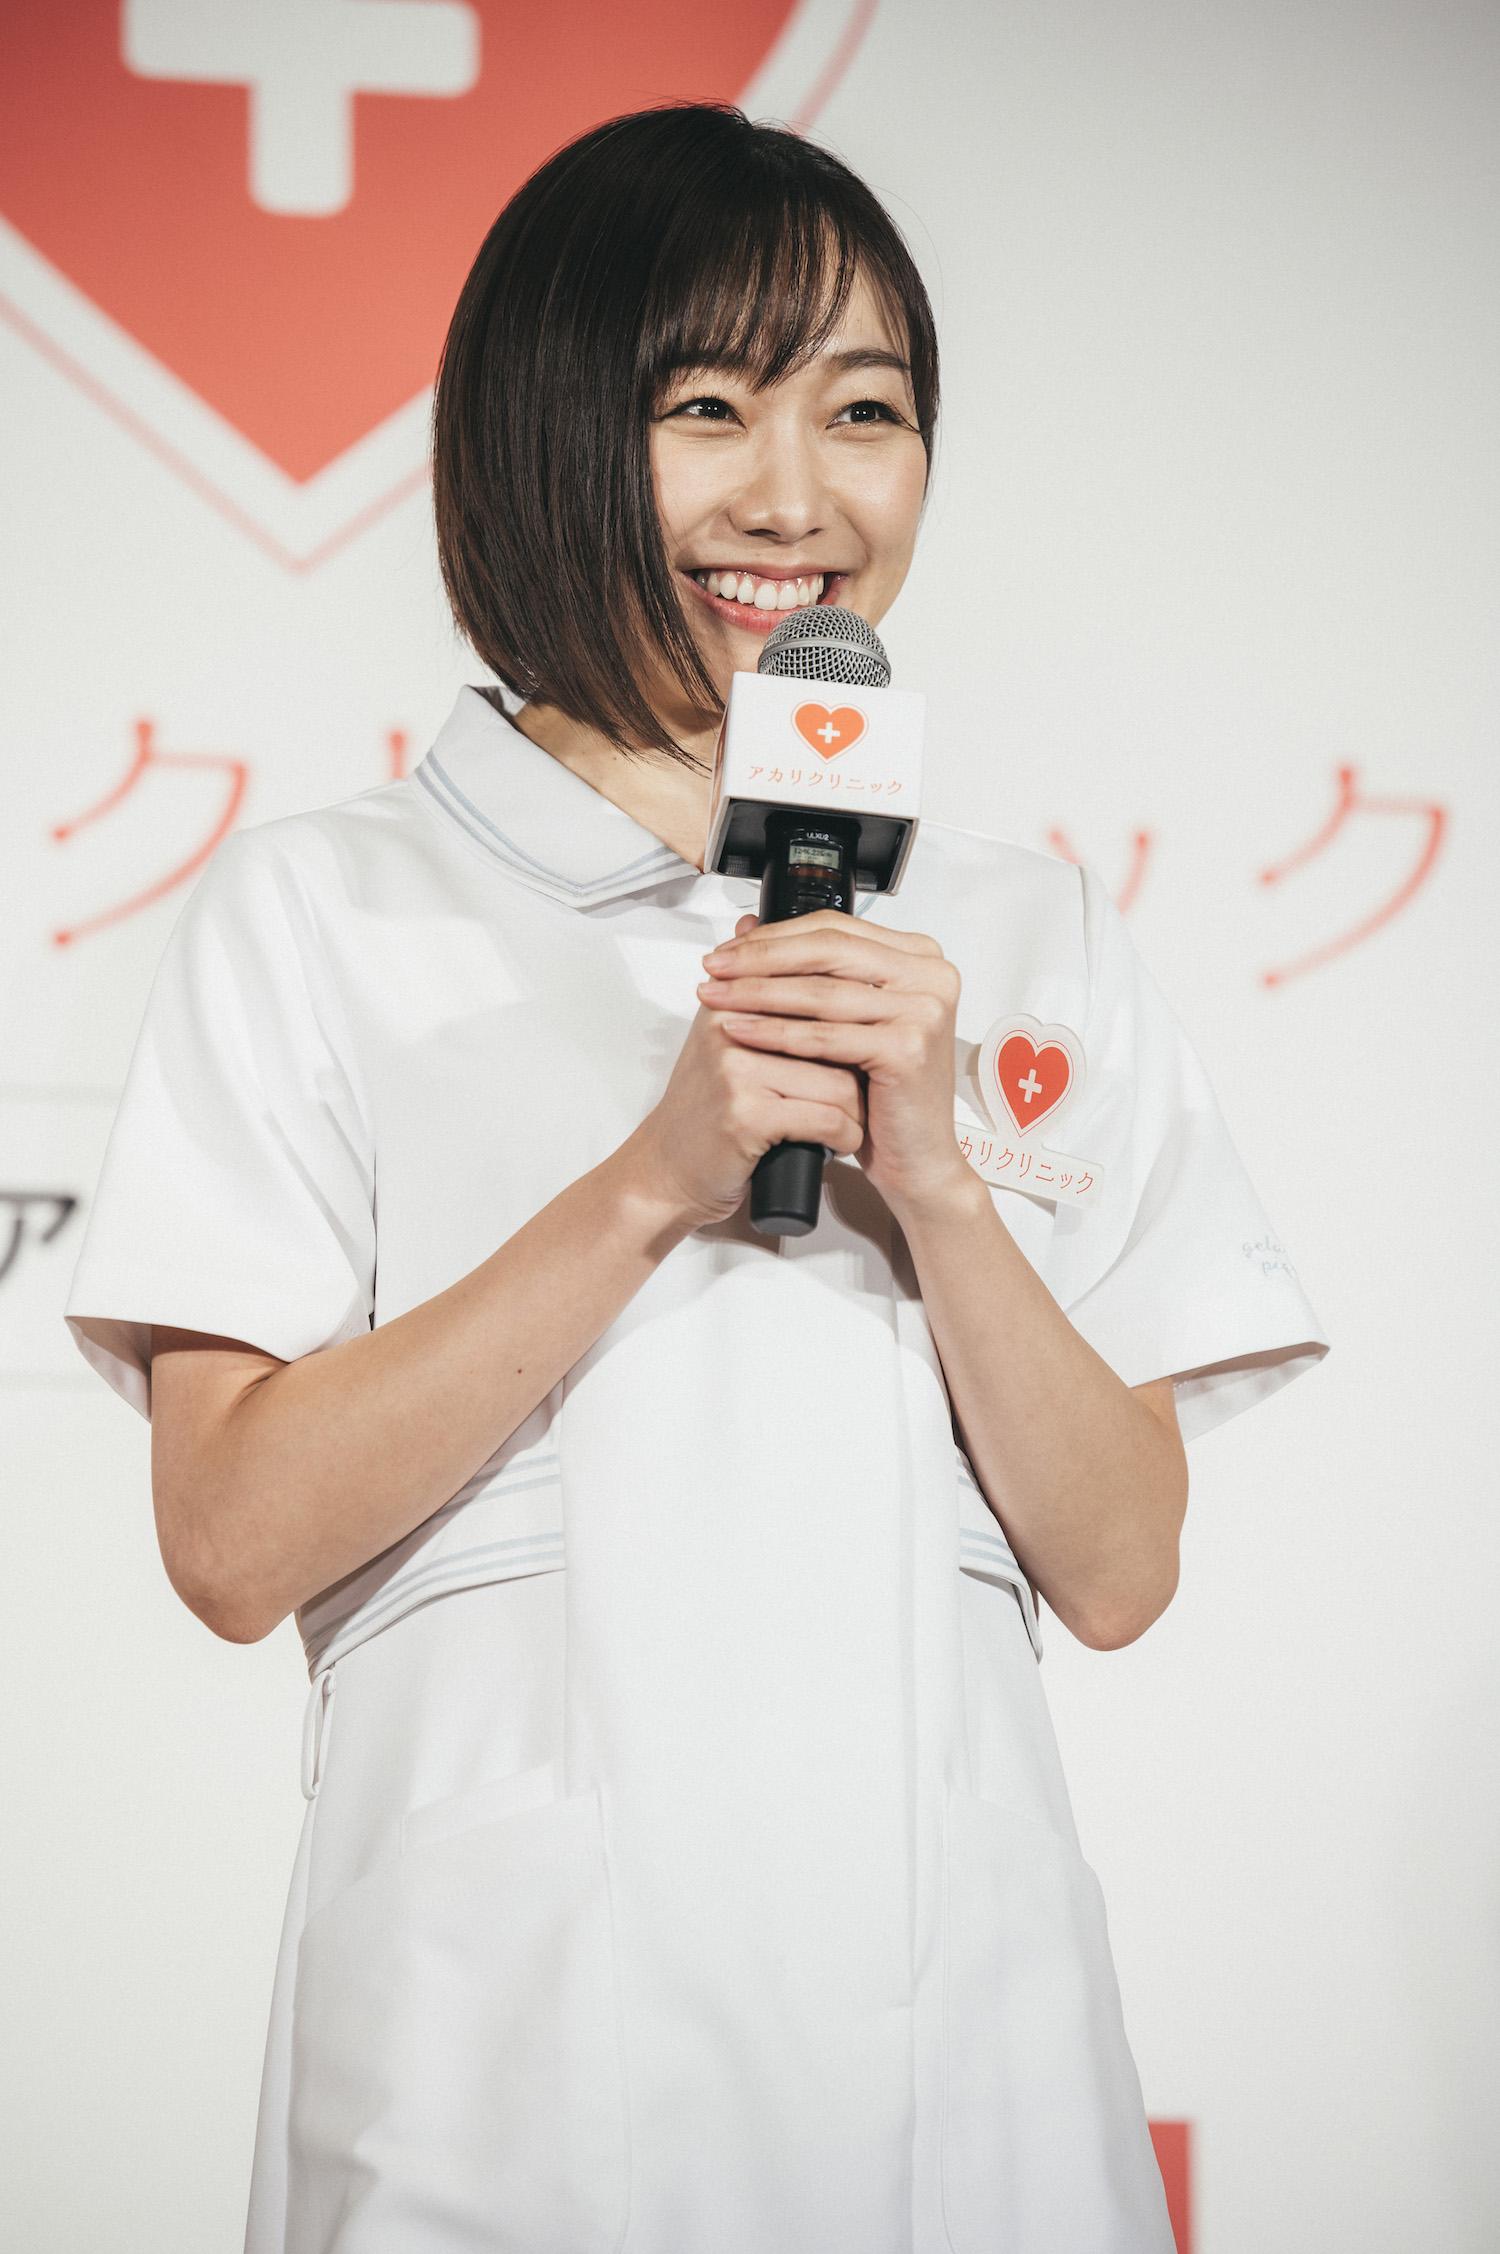 須田亜香里(SKE48)「ニッポンおじさん総活躍社会プロジェクト発足式」(2019年10月21日)